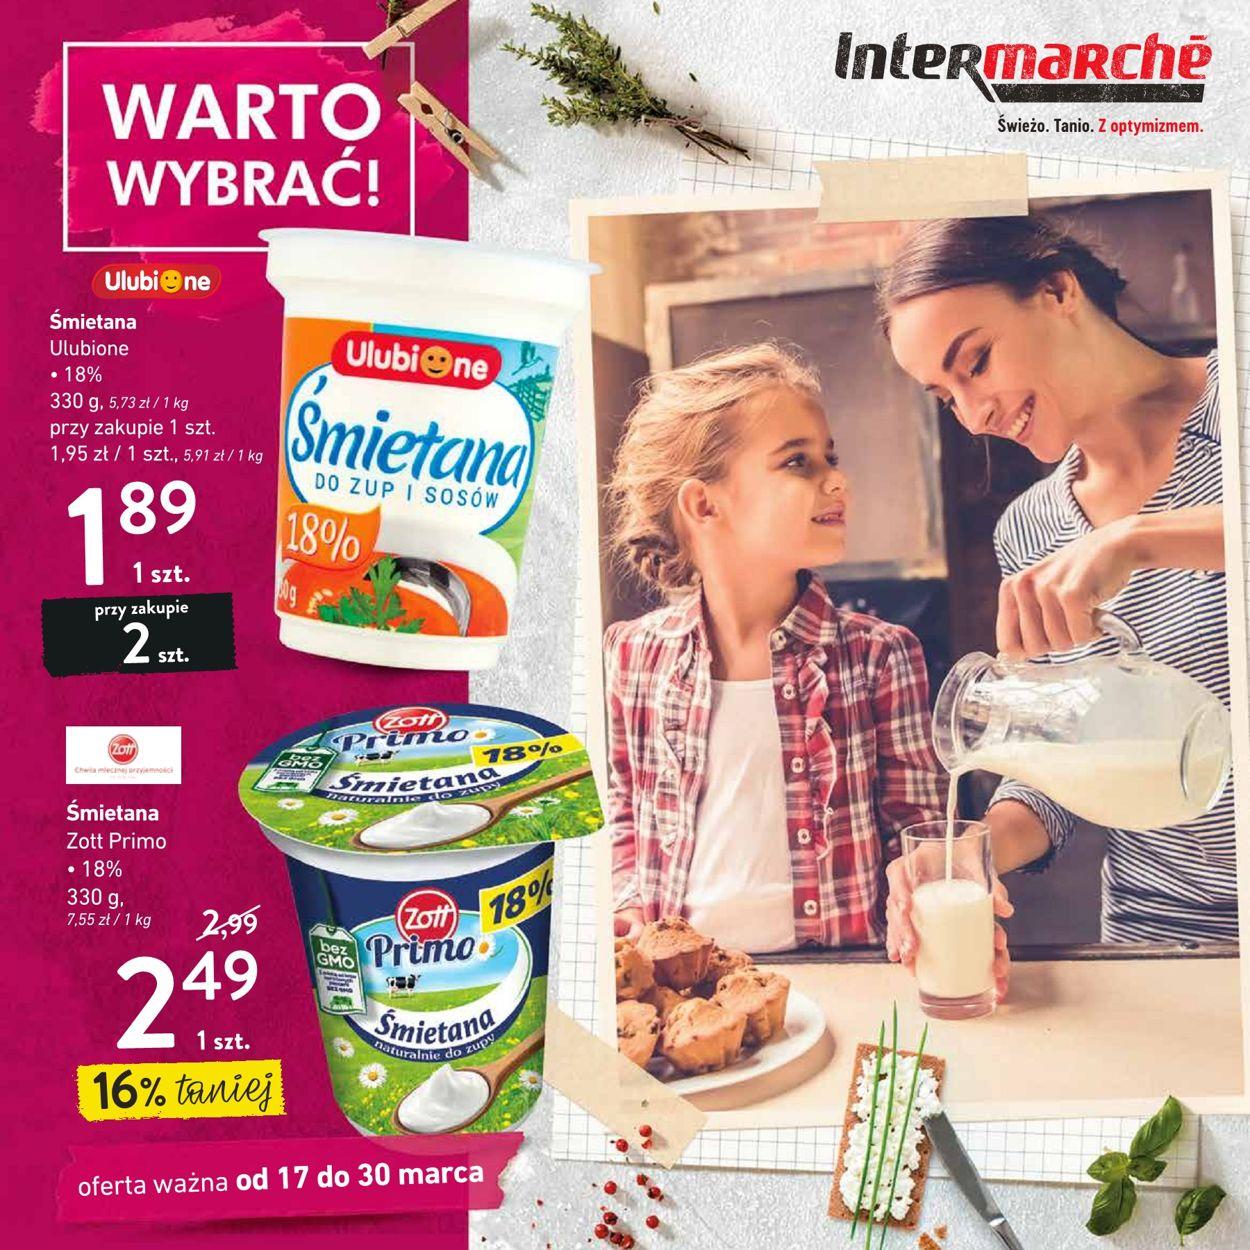 Gazetka promocyjna Intermarché - 17.03-30.03.2020